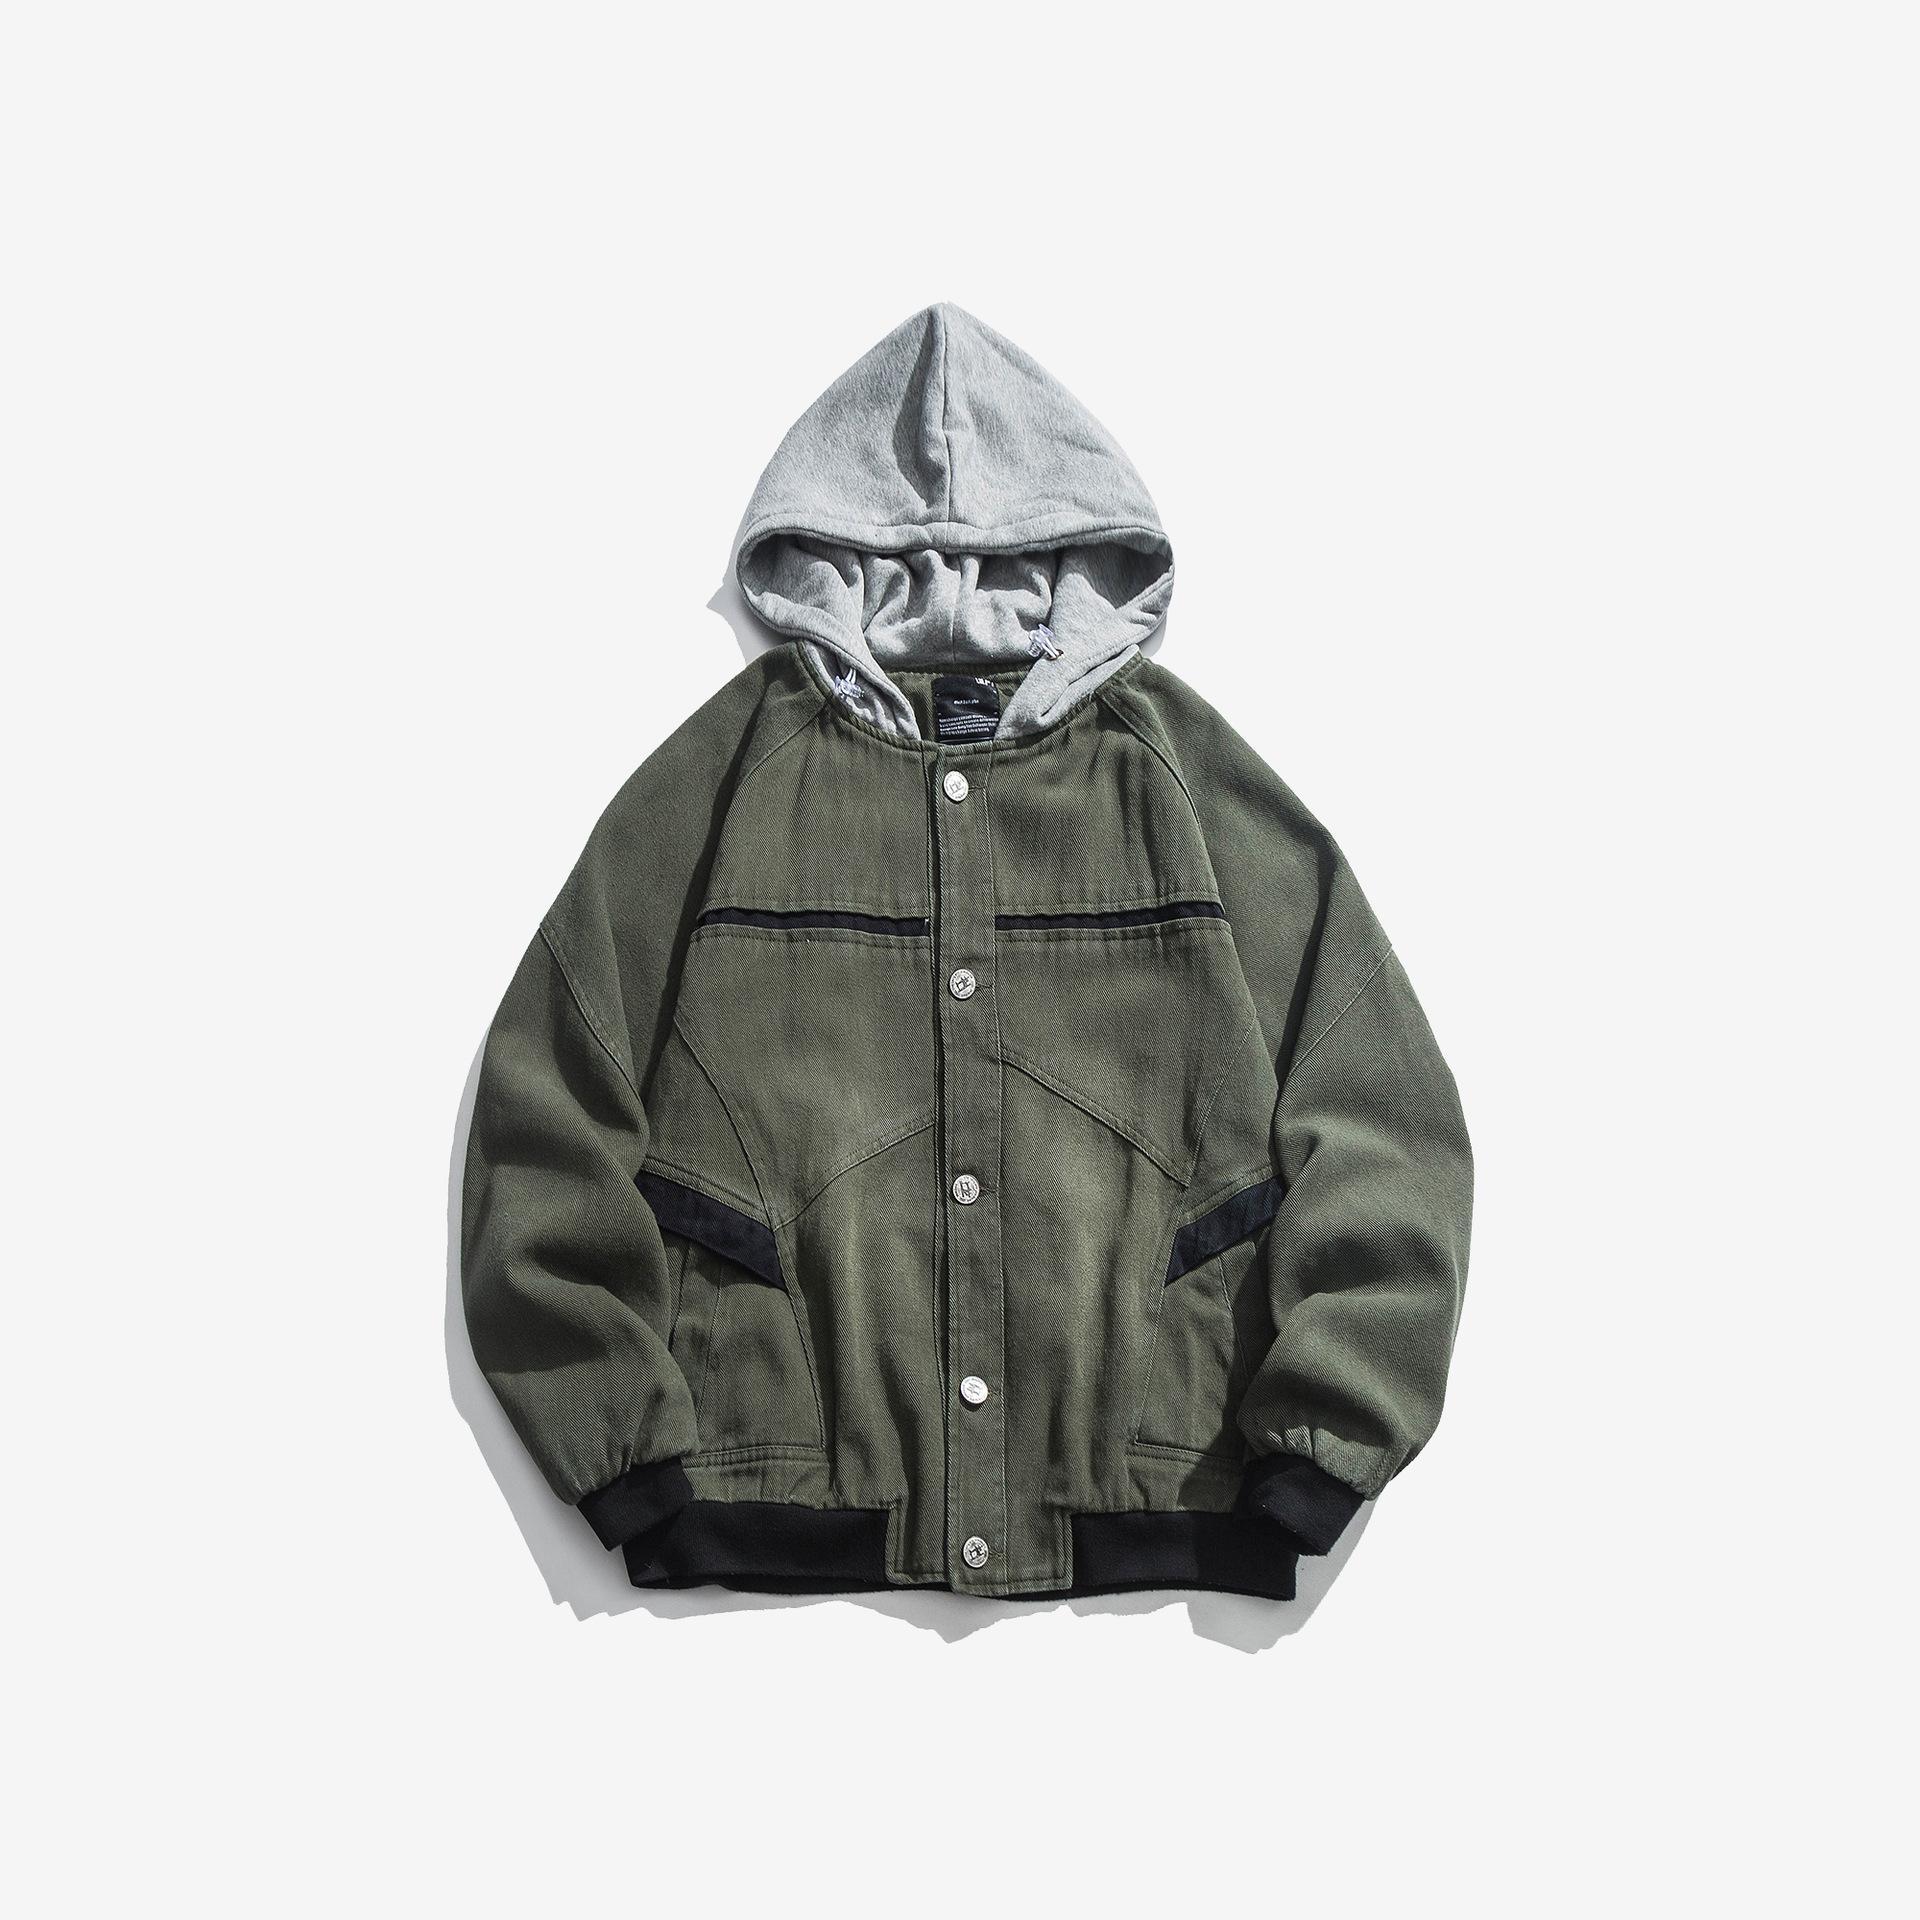 Город, где продукт Origional осень новый стиль Японский стиль уличная куртка с капюшоном рабочая одежда пальто Мужские